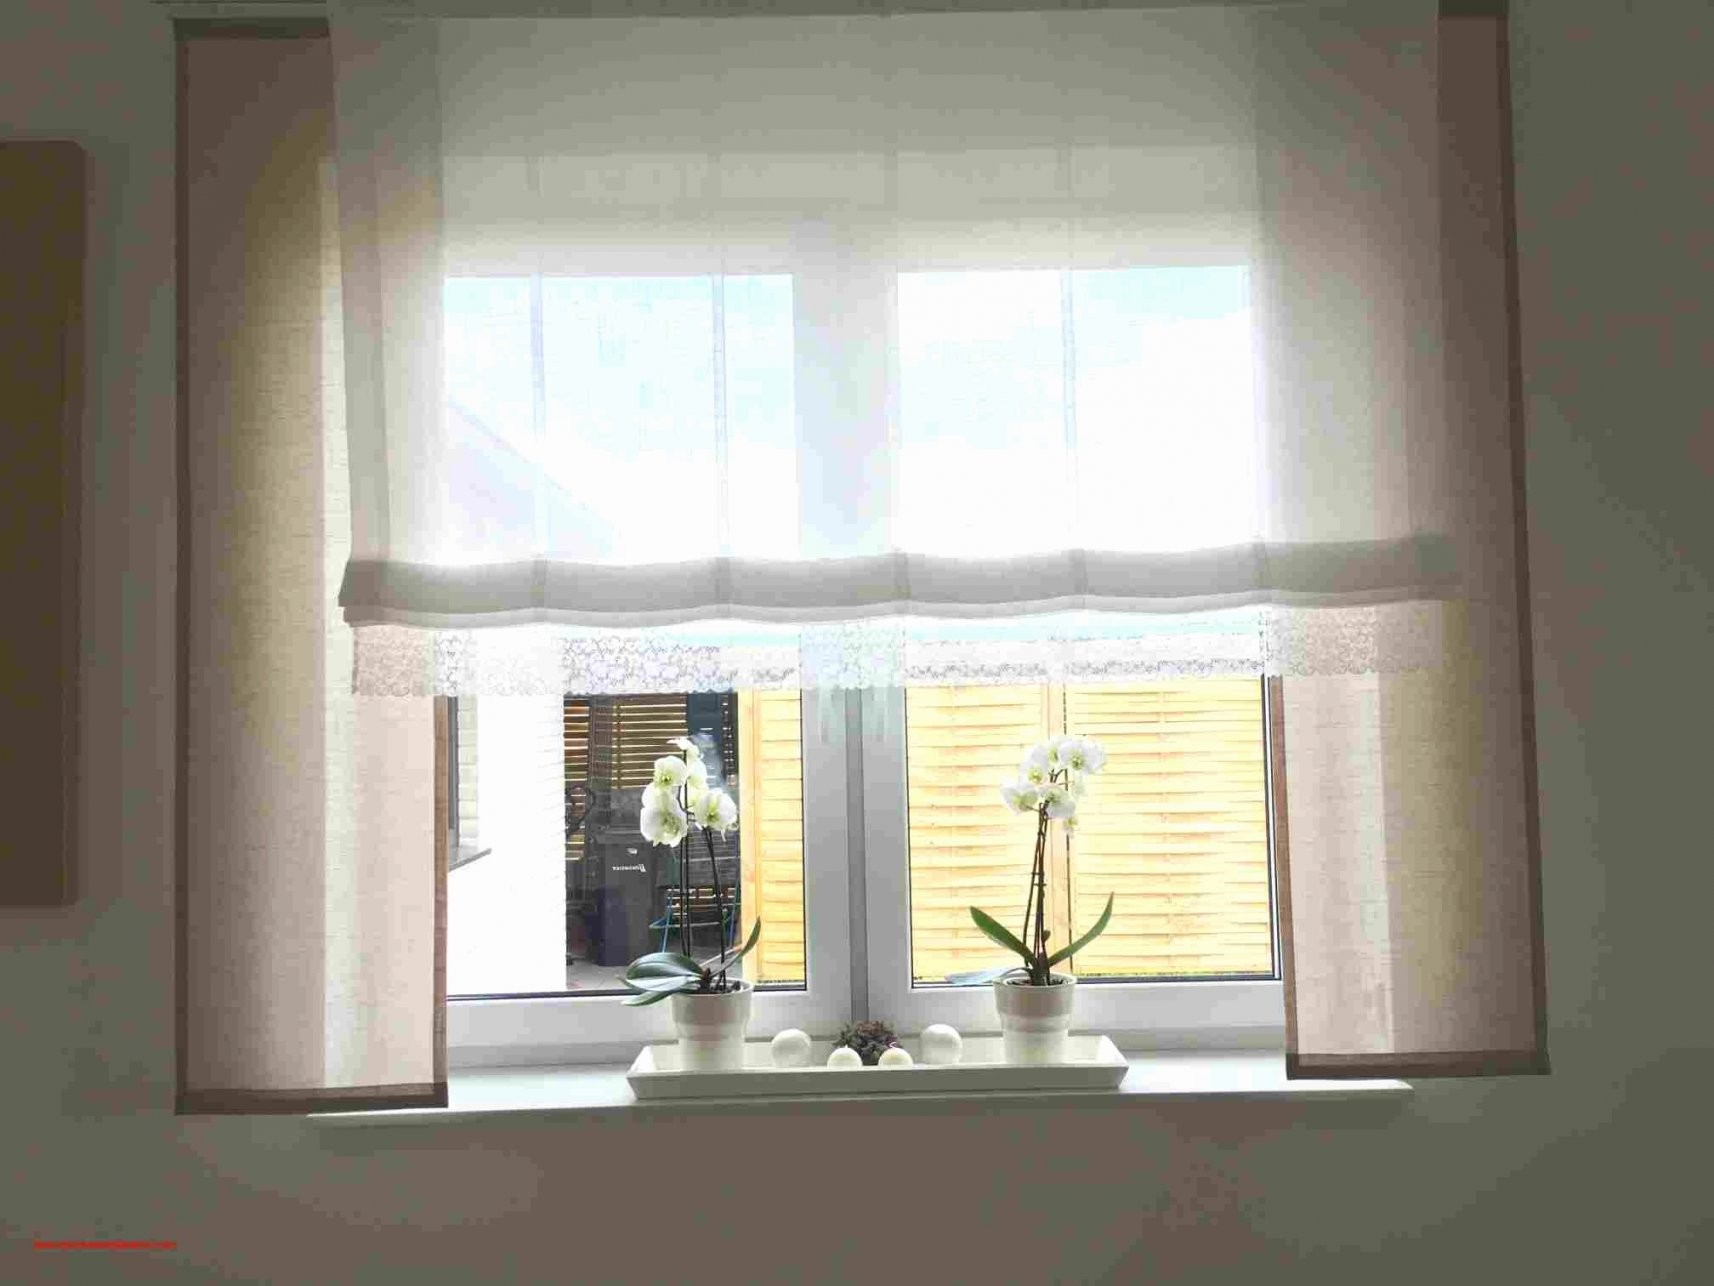 Full Size of Jalousie Innen Fenster Sprüche T Shirt Junggesellinnenabschied Schallschutz Plissee Jalousien Sicherheitsfolie Test Günstig Kaufen Jalousieschrank Küche Wohnzimmer Jalousie Innen Fenster